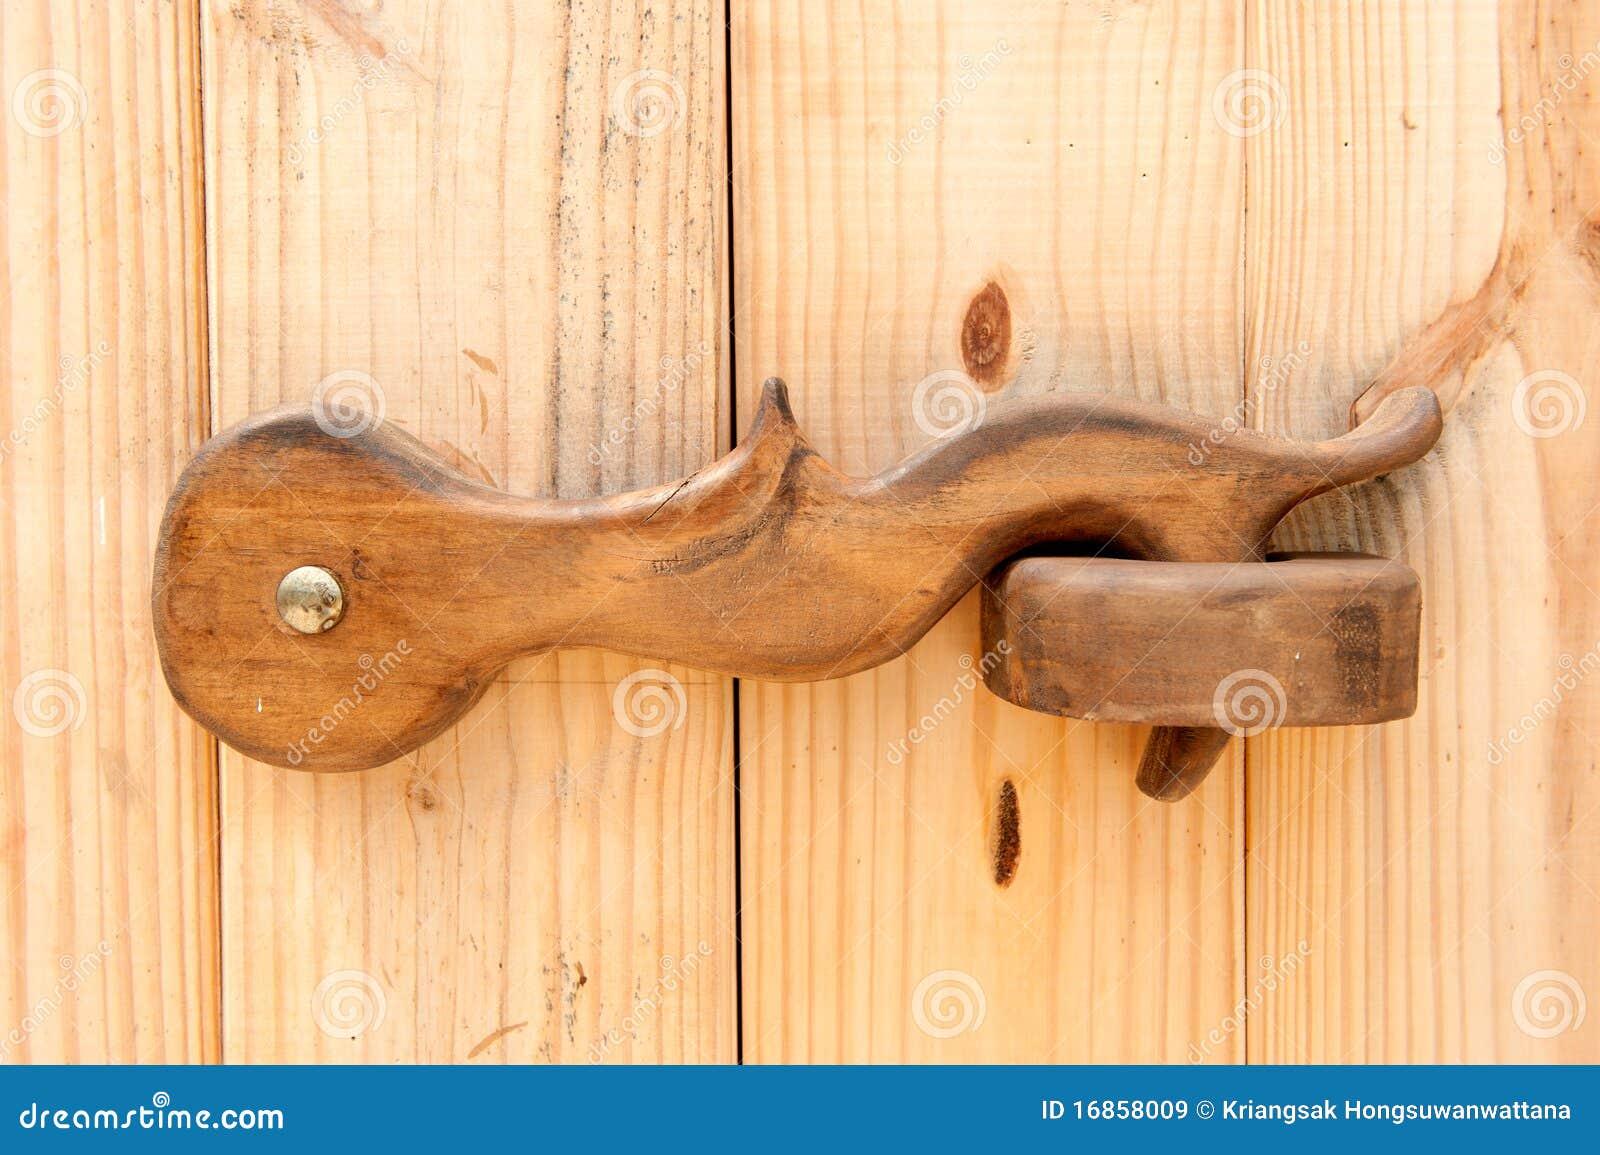 loquet de trappe en bois images libres de droits image 16858009. Black Bedroom Furniture Sets. Home Design Ideas